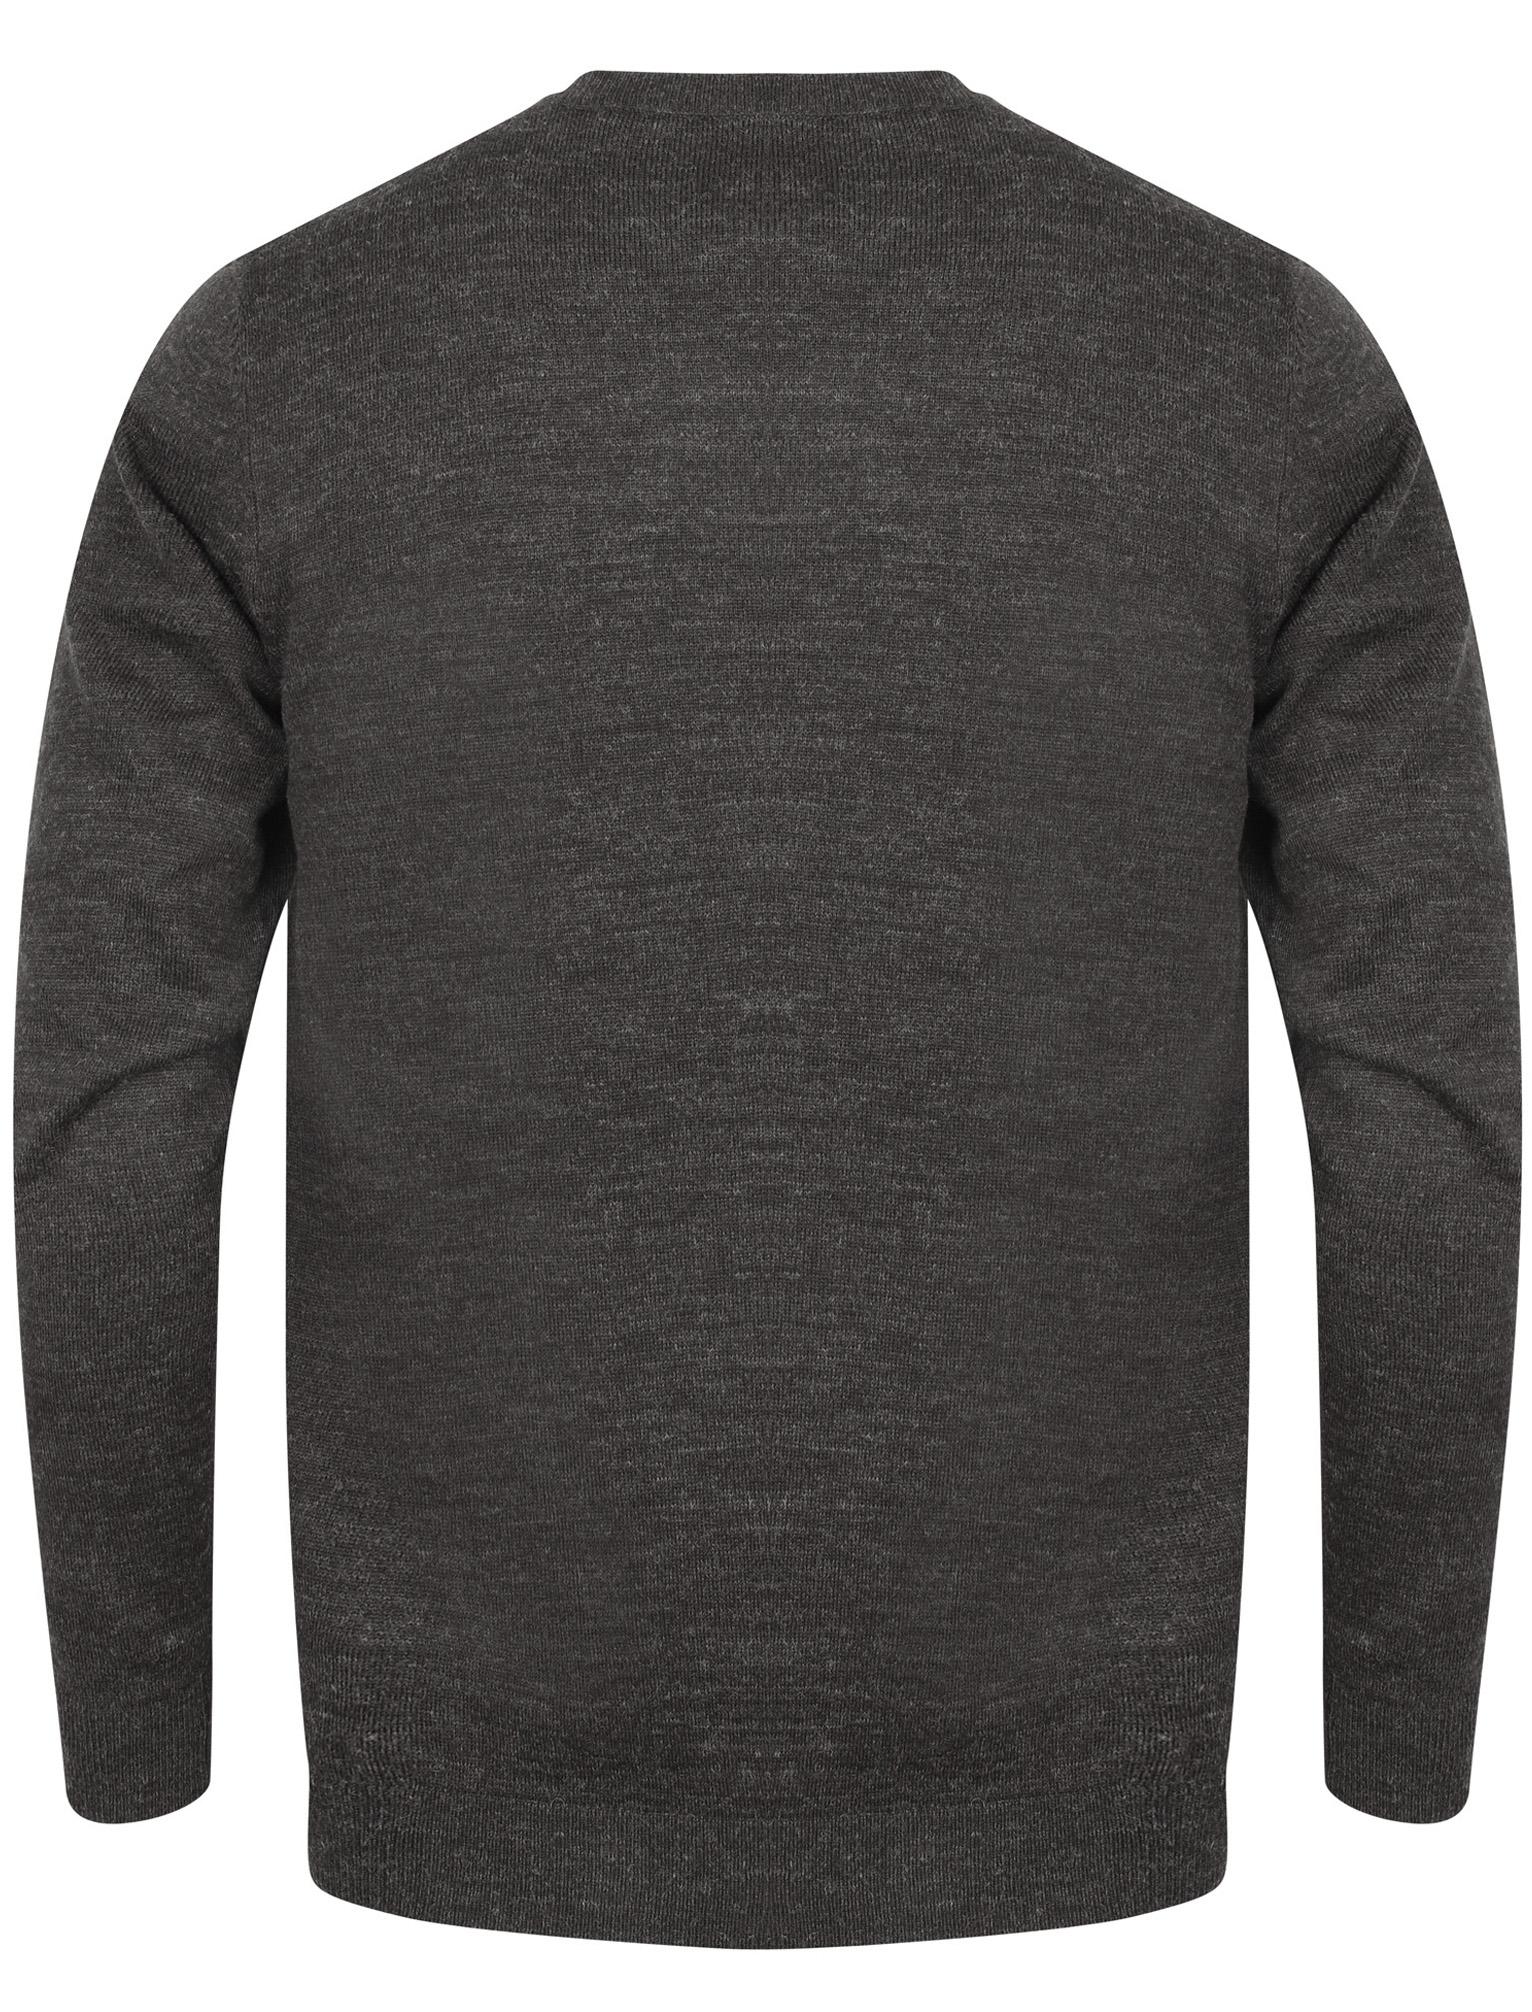 Kensington-Eastside-Men-039-s-Knitted-Crew-or-V-Neck-Jumper-Sweater-Top-Pullover thumbnail 7